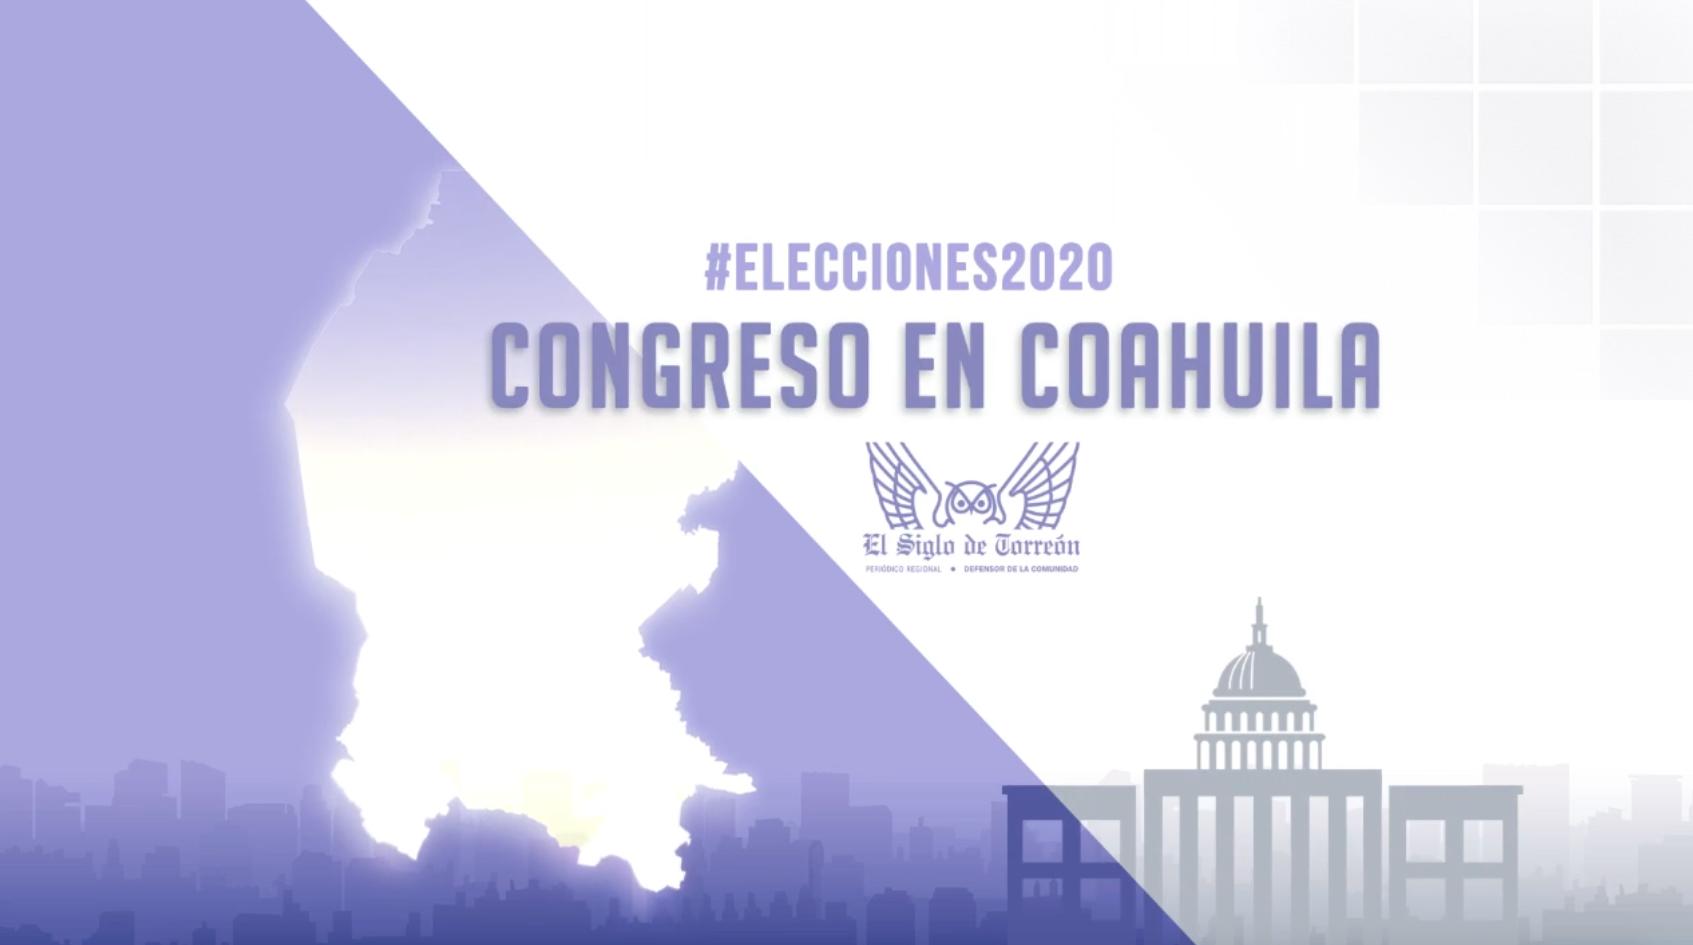 Inicia jornada electoral Coahuila 2020